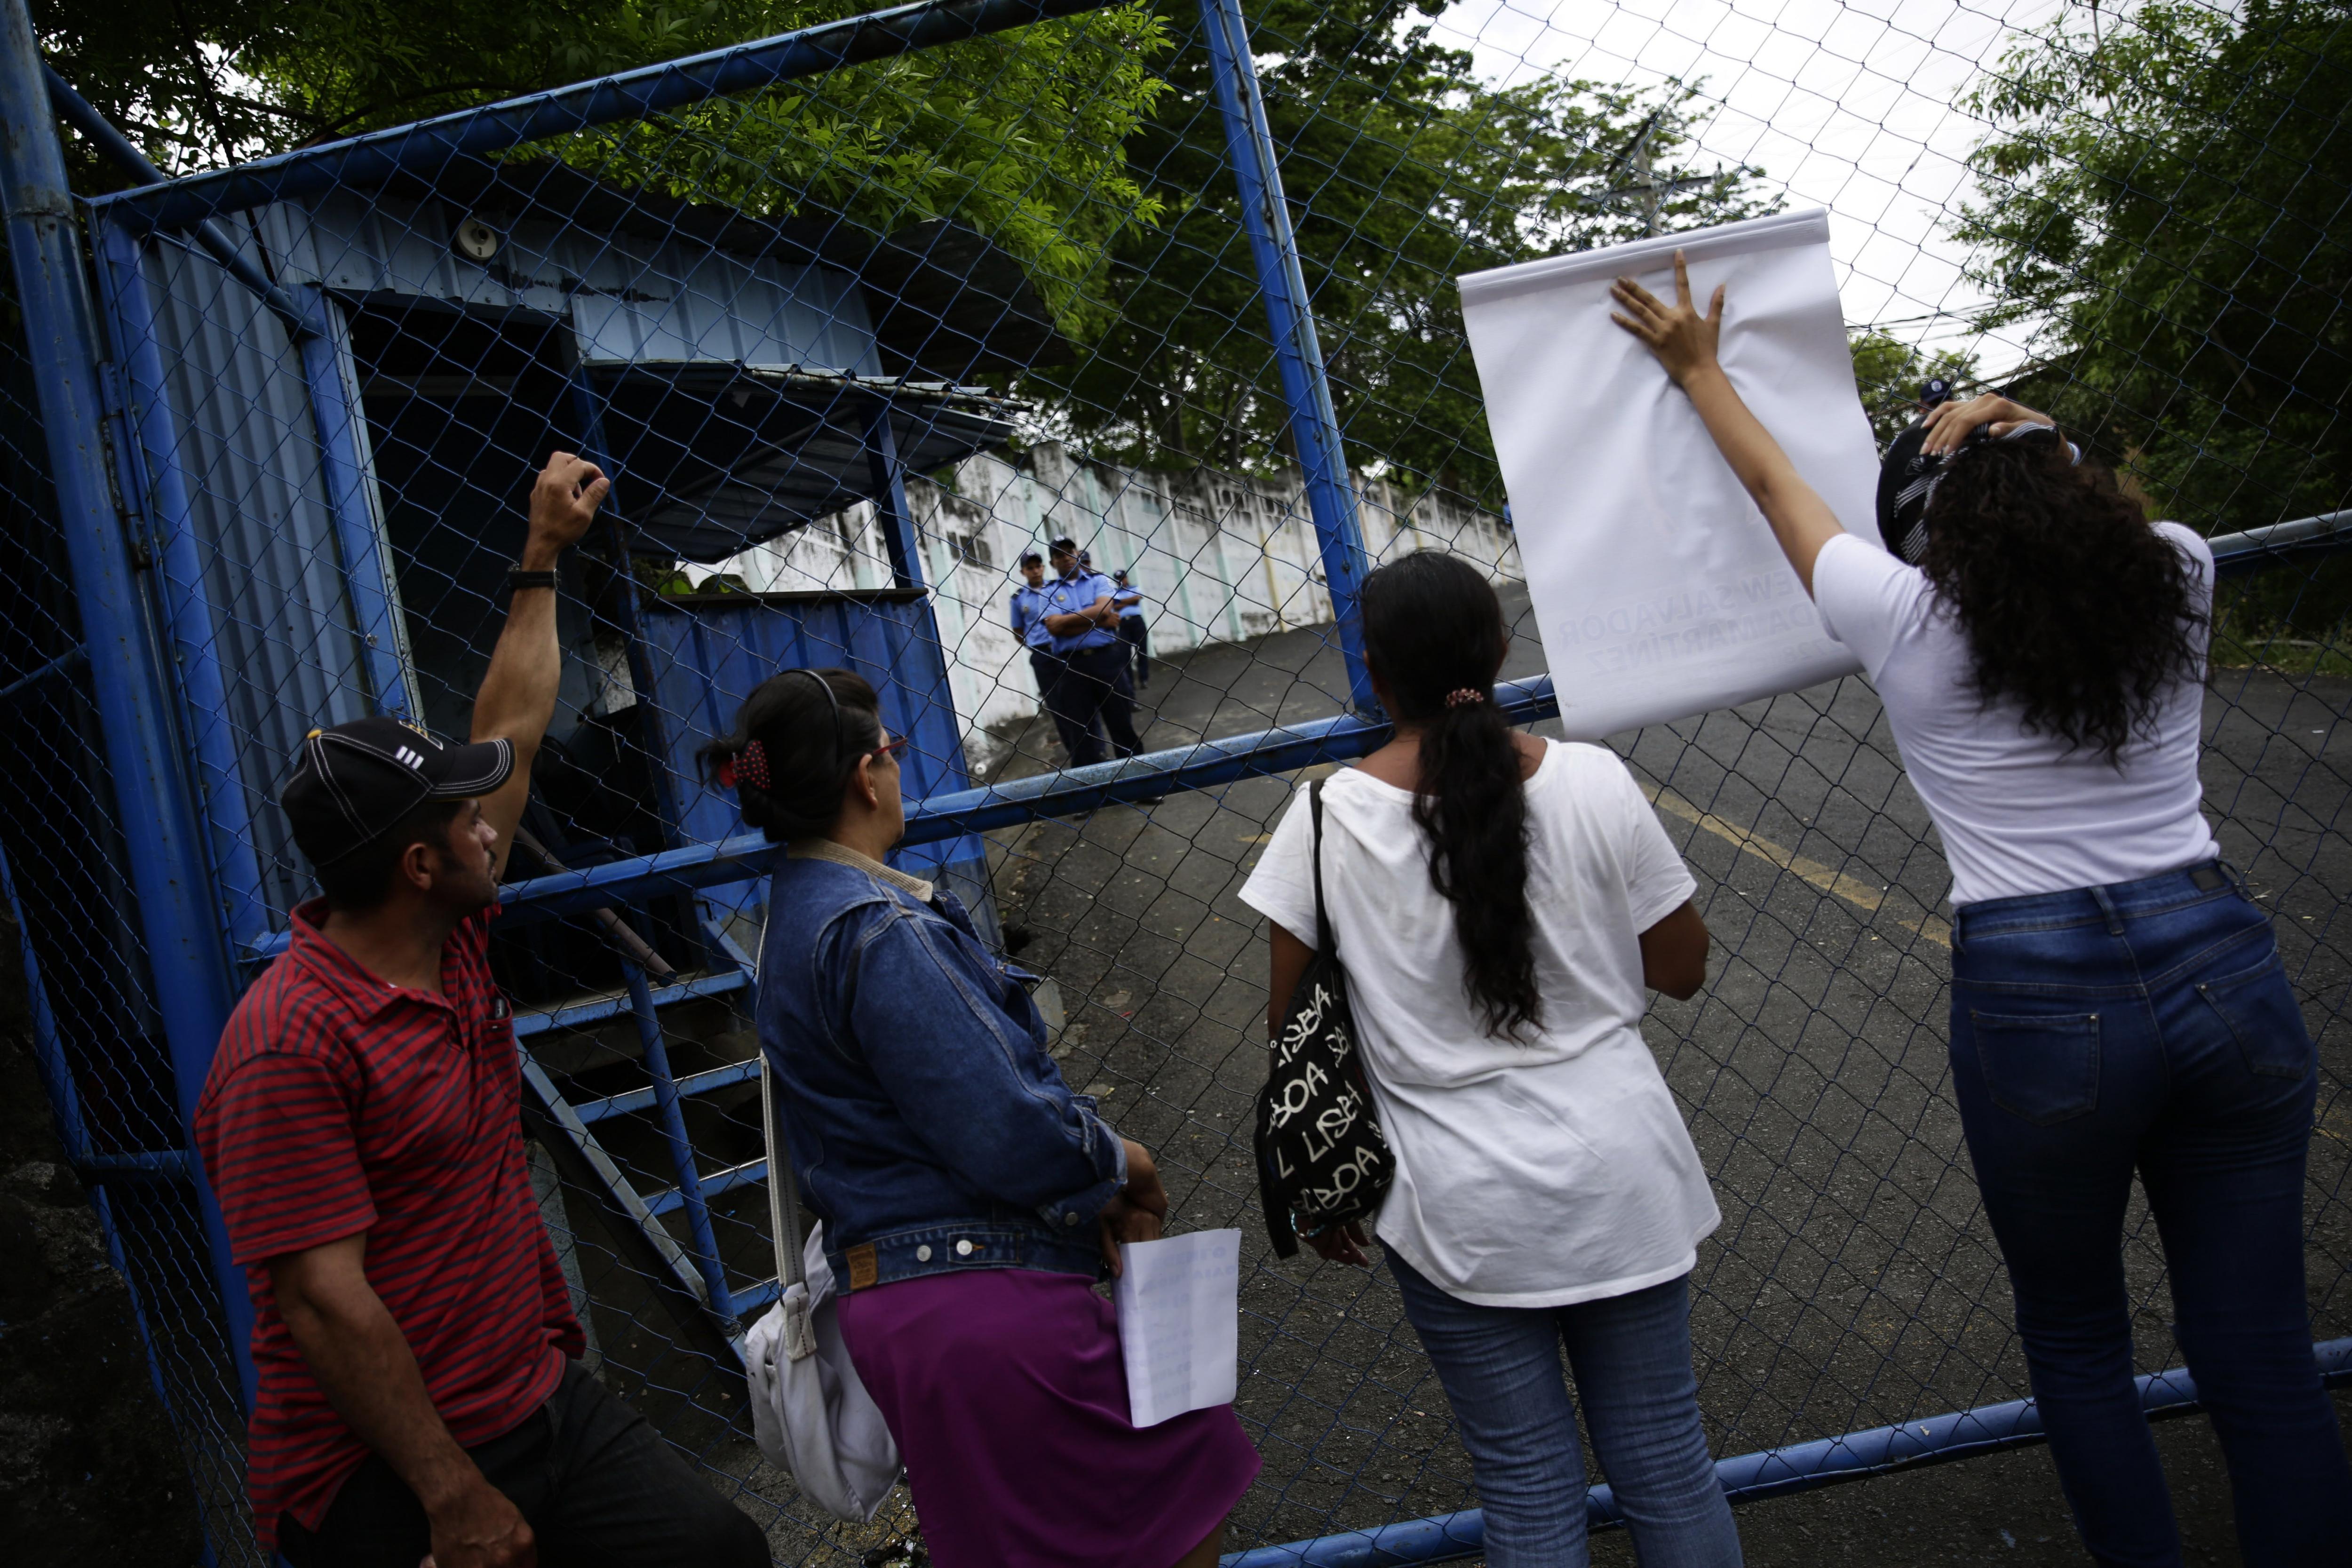 """Un grupo de mujeres protesta frente a las instalaciones de la Dirección de Auxilio Judicial (DAJ) para pedir a sus autoridades que les entreguen a sus hijos detenidos en los recientes enfrentamientos en el marco de las protestas contra el Gobierno de Nicaragua hoy, viernes 1 de junio de 2018, en Managua (Nicaragua). """"Yo lo que pido es que me lo entreguen vivo"""", dijo a Acan-Efe Juana María Duarte, madre de William Efraín Duarte, de 25 años, aprehendido el 30 de mayo pasado en la provincia de Boaco, en el centro del país. EFE/Bienvenido Velasco"""